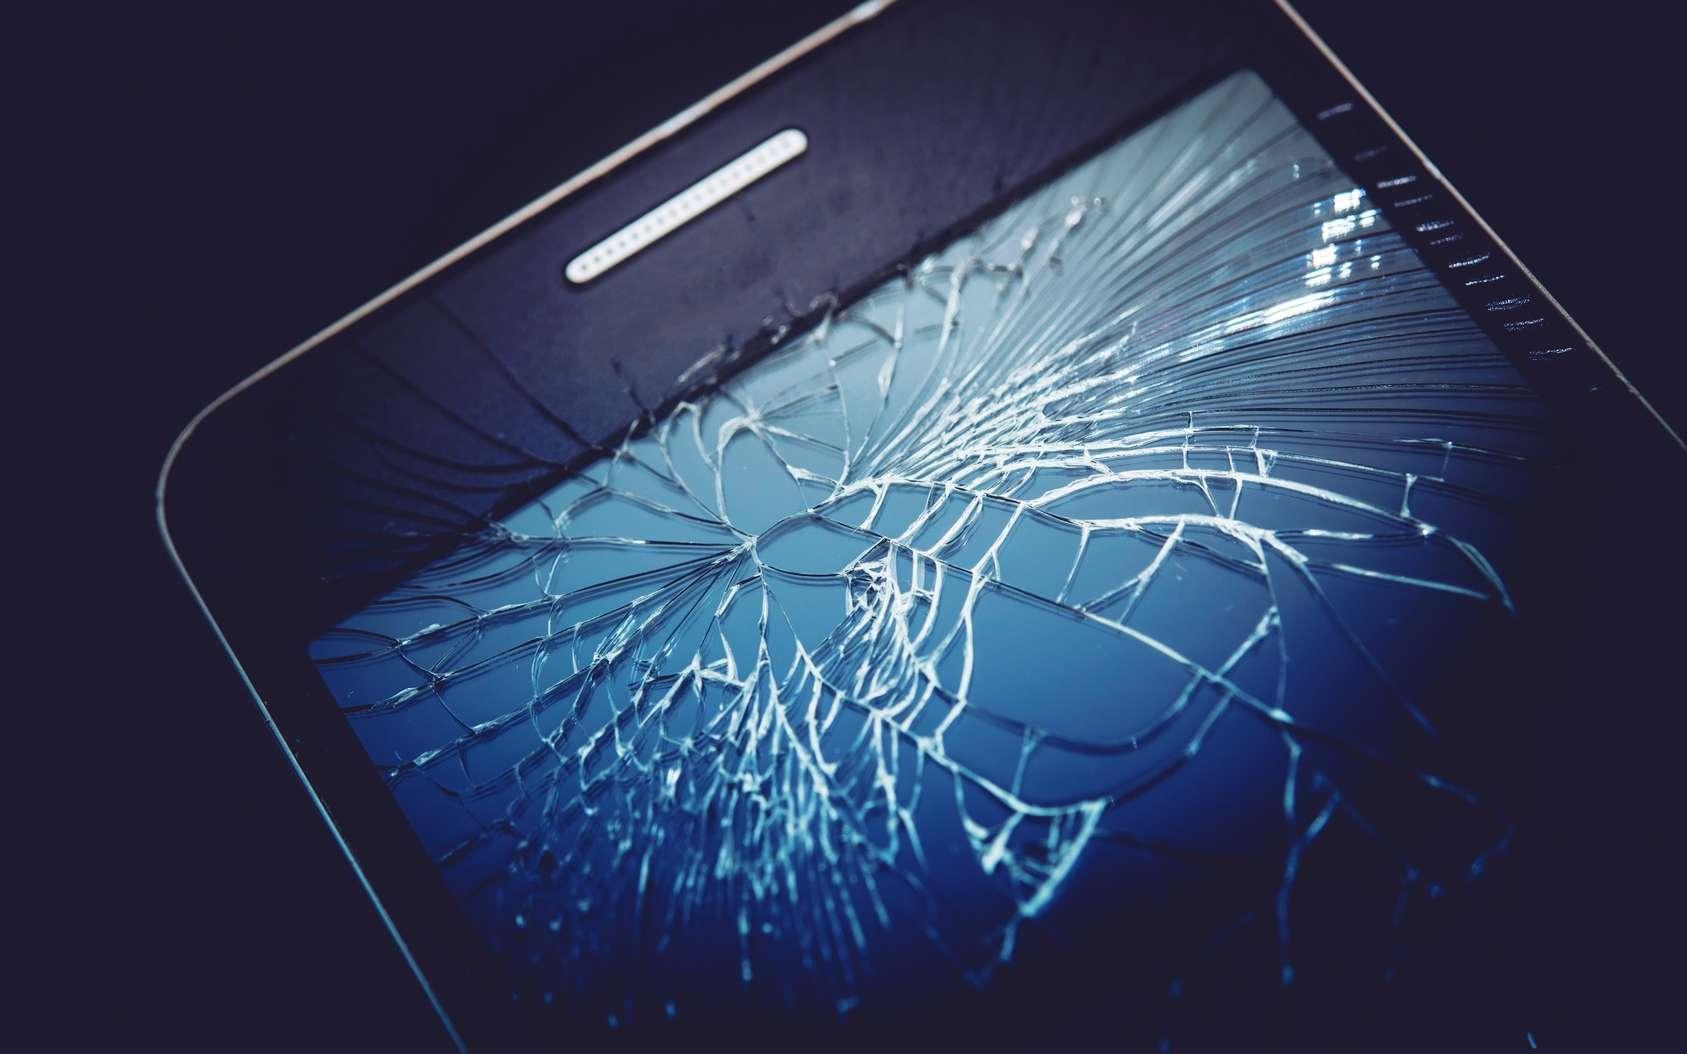 Et si les écrans des smartphones se réparaient tout seuls ? Les smartphones à écrans sans bordures, à l'instar de l'iPhone X ou du Samsung Galaxy S8, sont la grande tendance actuelle. Mais ils sont extrêmement fragiles et très chers à réparer. © Tomasz Zajda, Fotolia